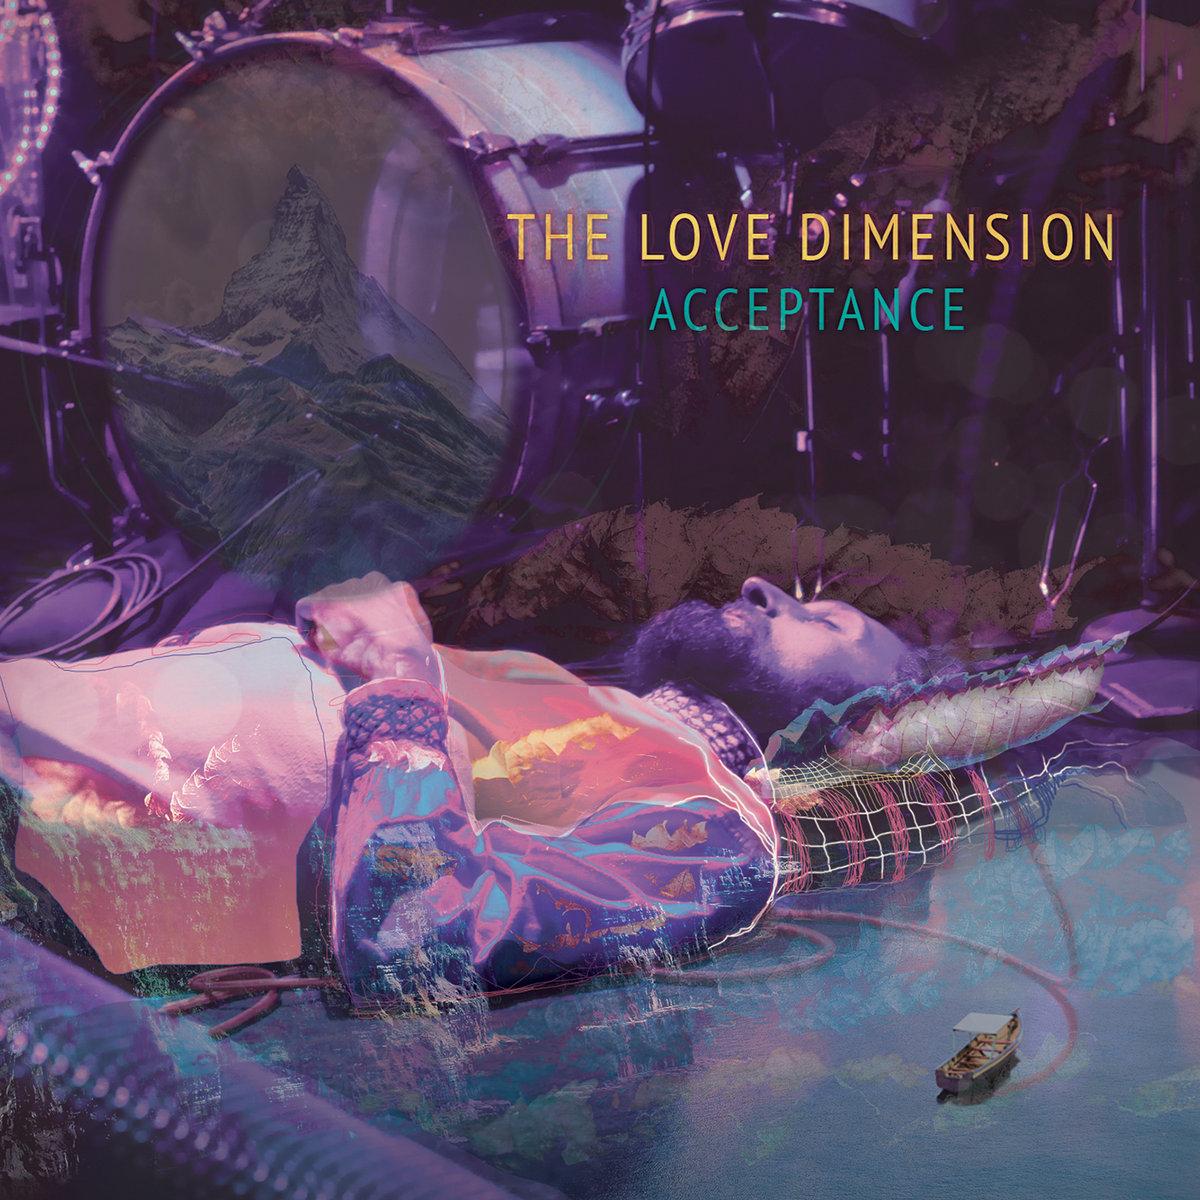 The Love Dimension 'acceptance'